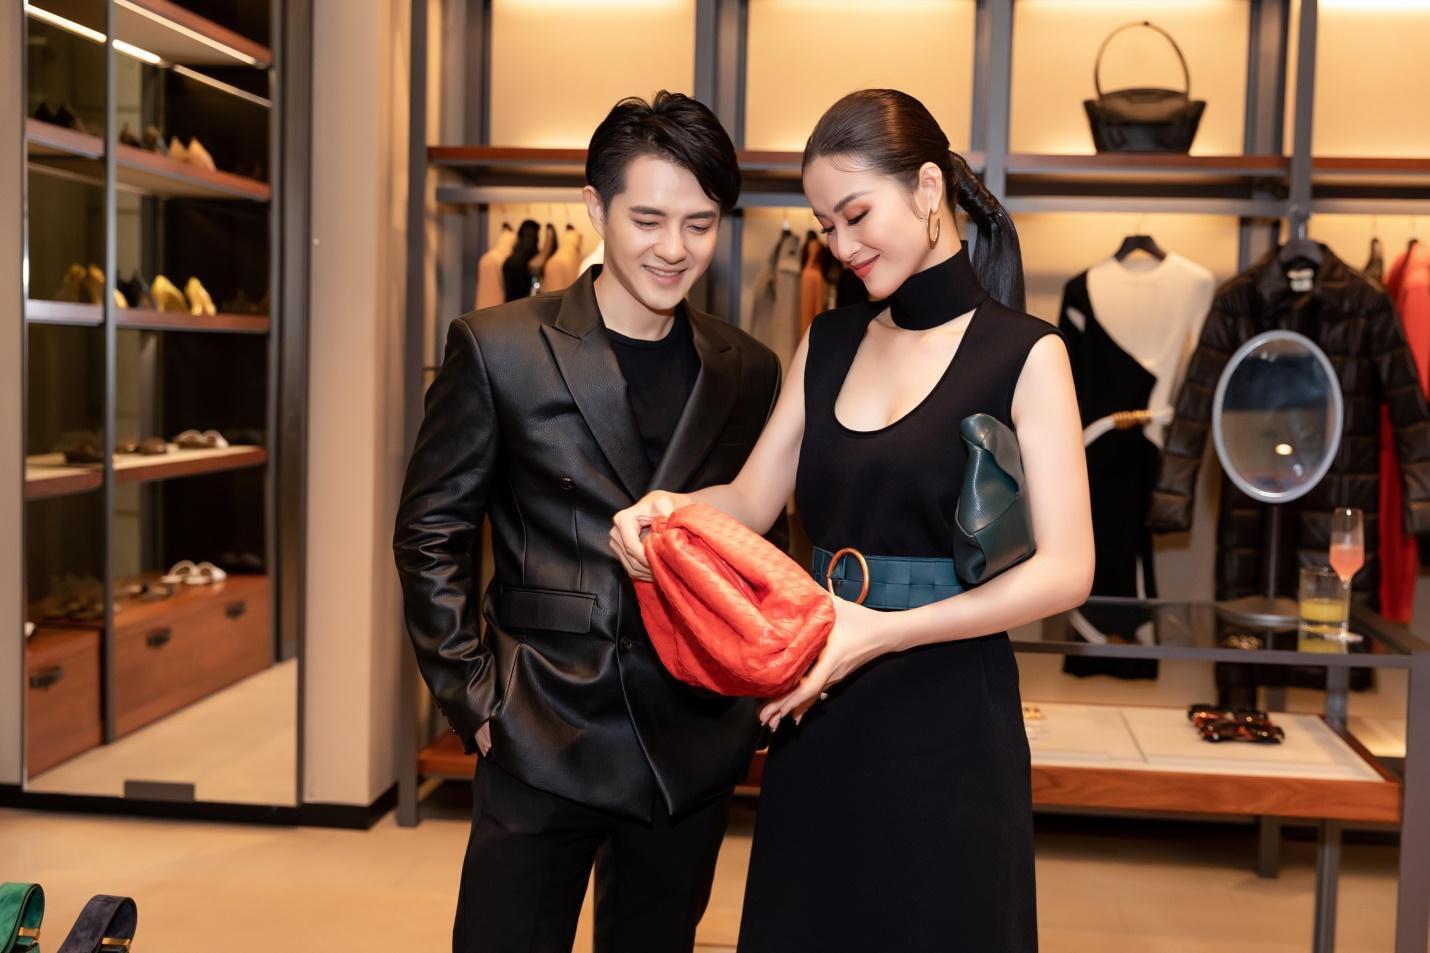 Bottega Veneta ra mắt BST mới: Dàn sao Việt yêu thời trang tụ hội, cùng khoe cá tính - Ảnh 2.